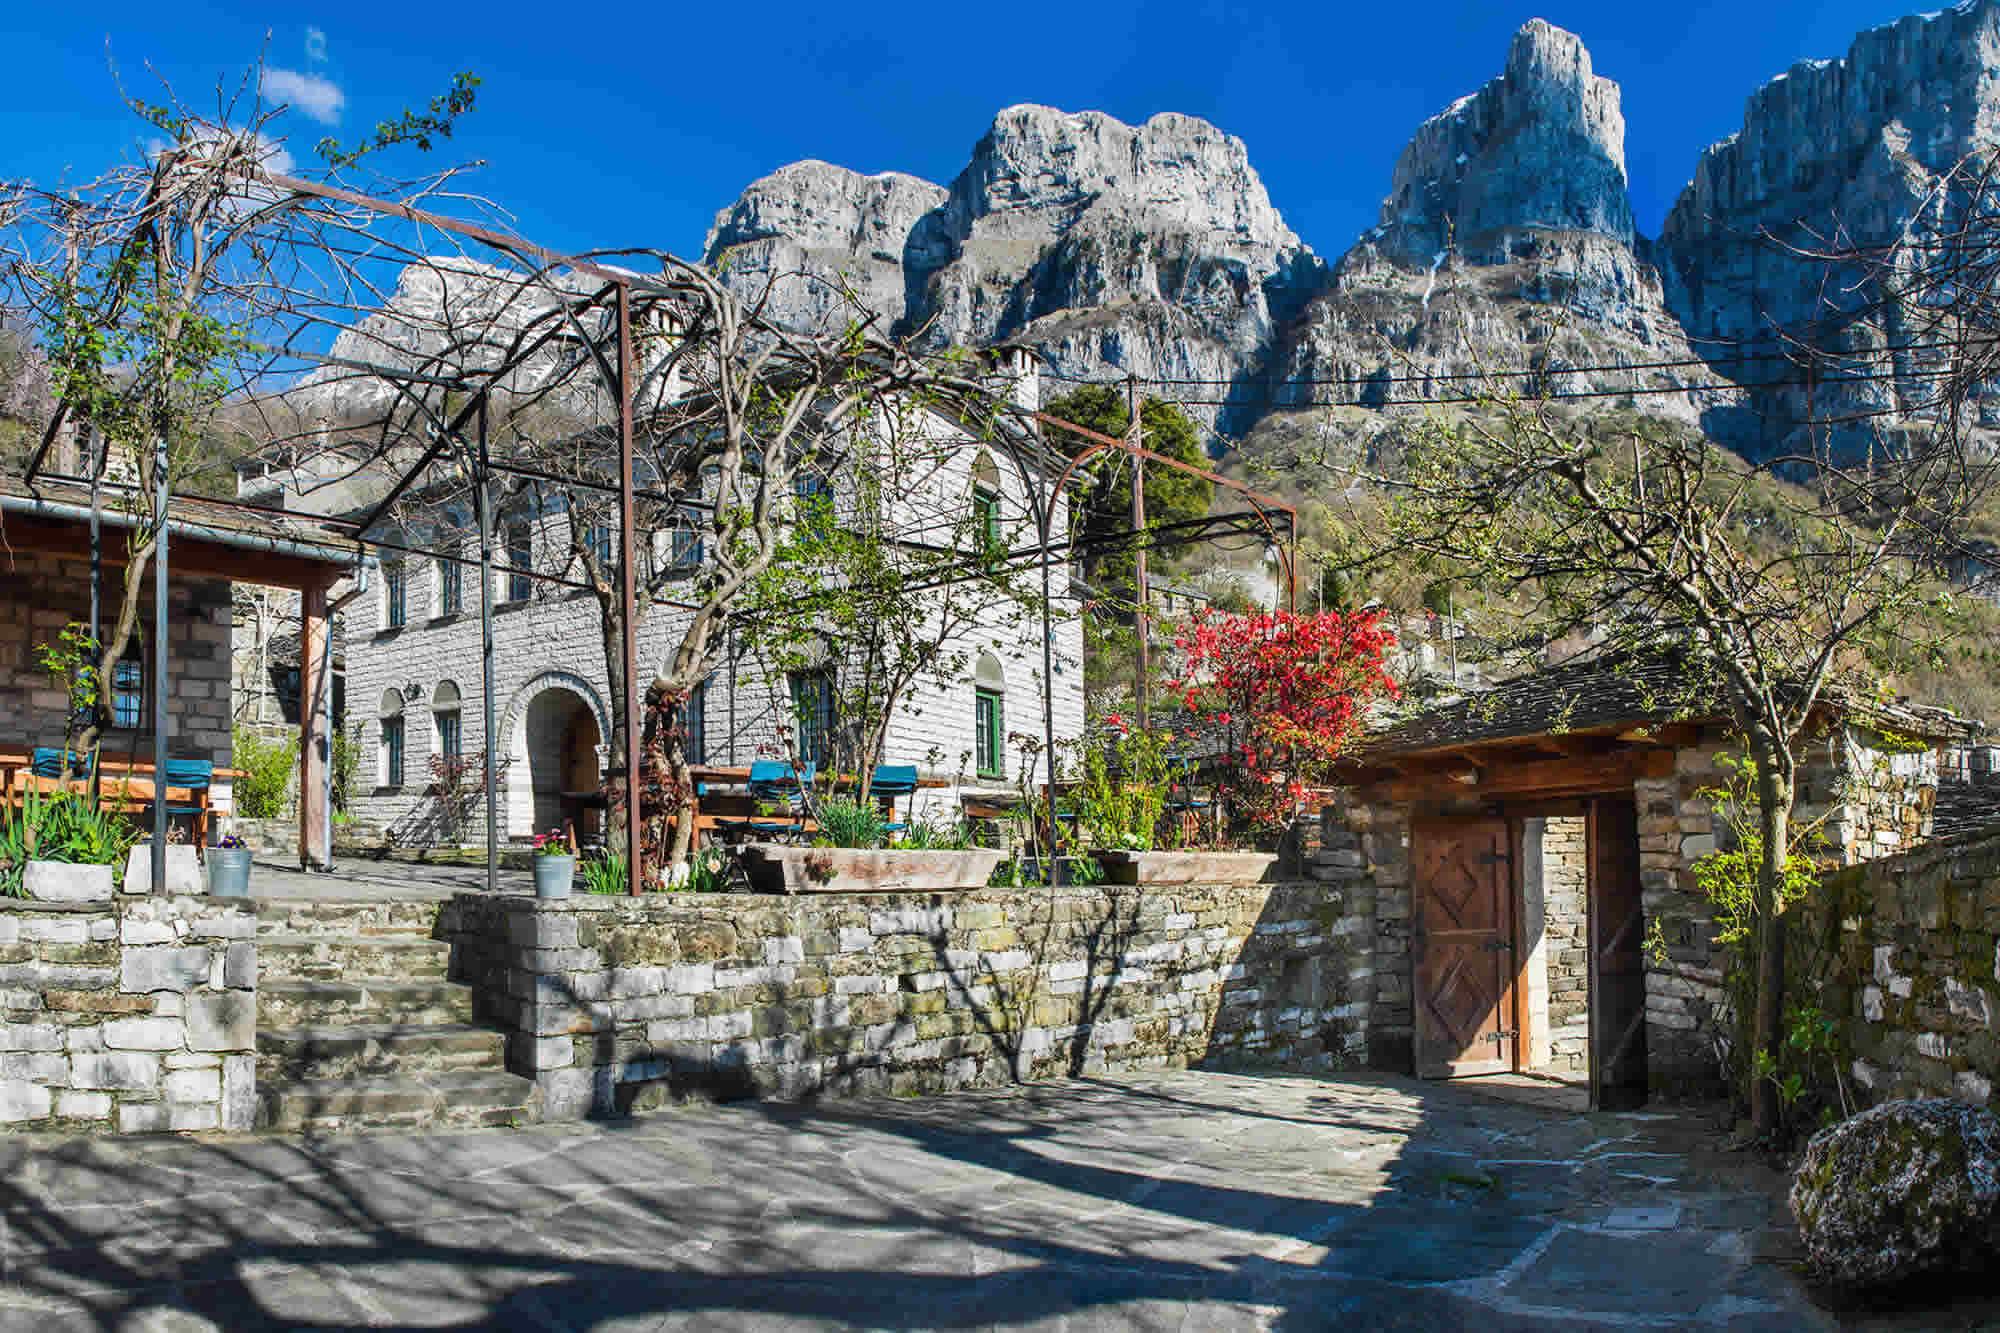 Guesthouse DIAS in Papigo sits under the imposing peaks Gamila & Astraka of Tymfi Mountain range in Epirus, Greece